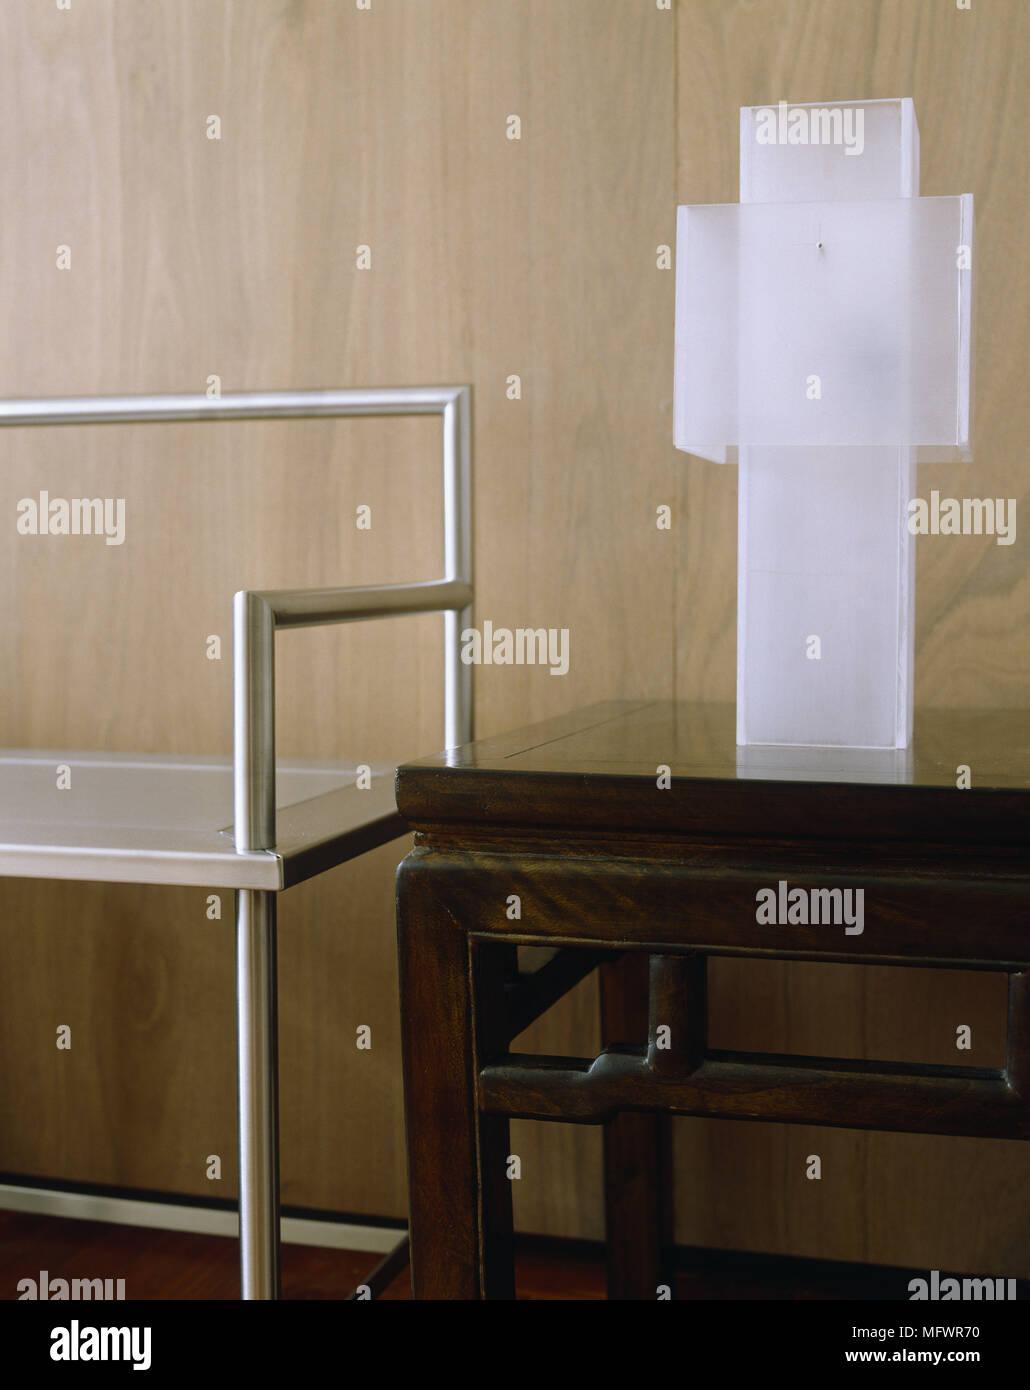 Großartig Küchentisch Setzt Roll Stühle Ideen - Ideen Für Die Küche ...